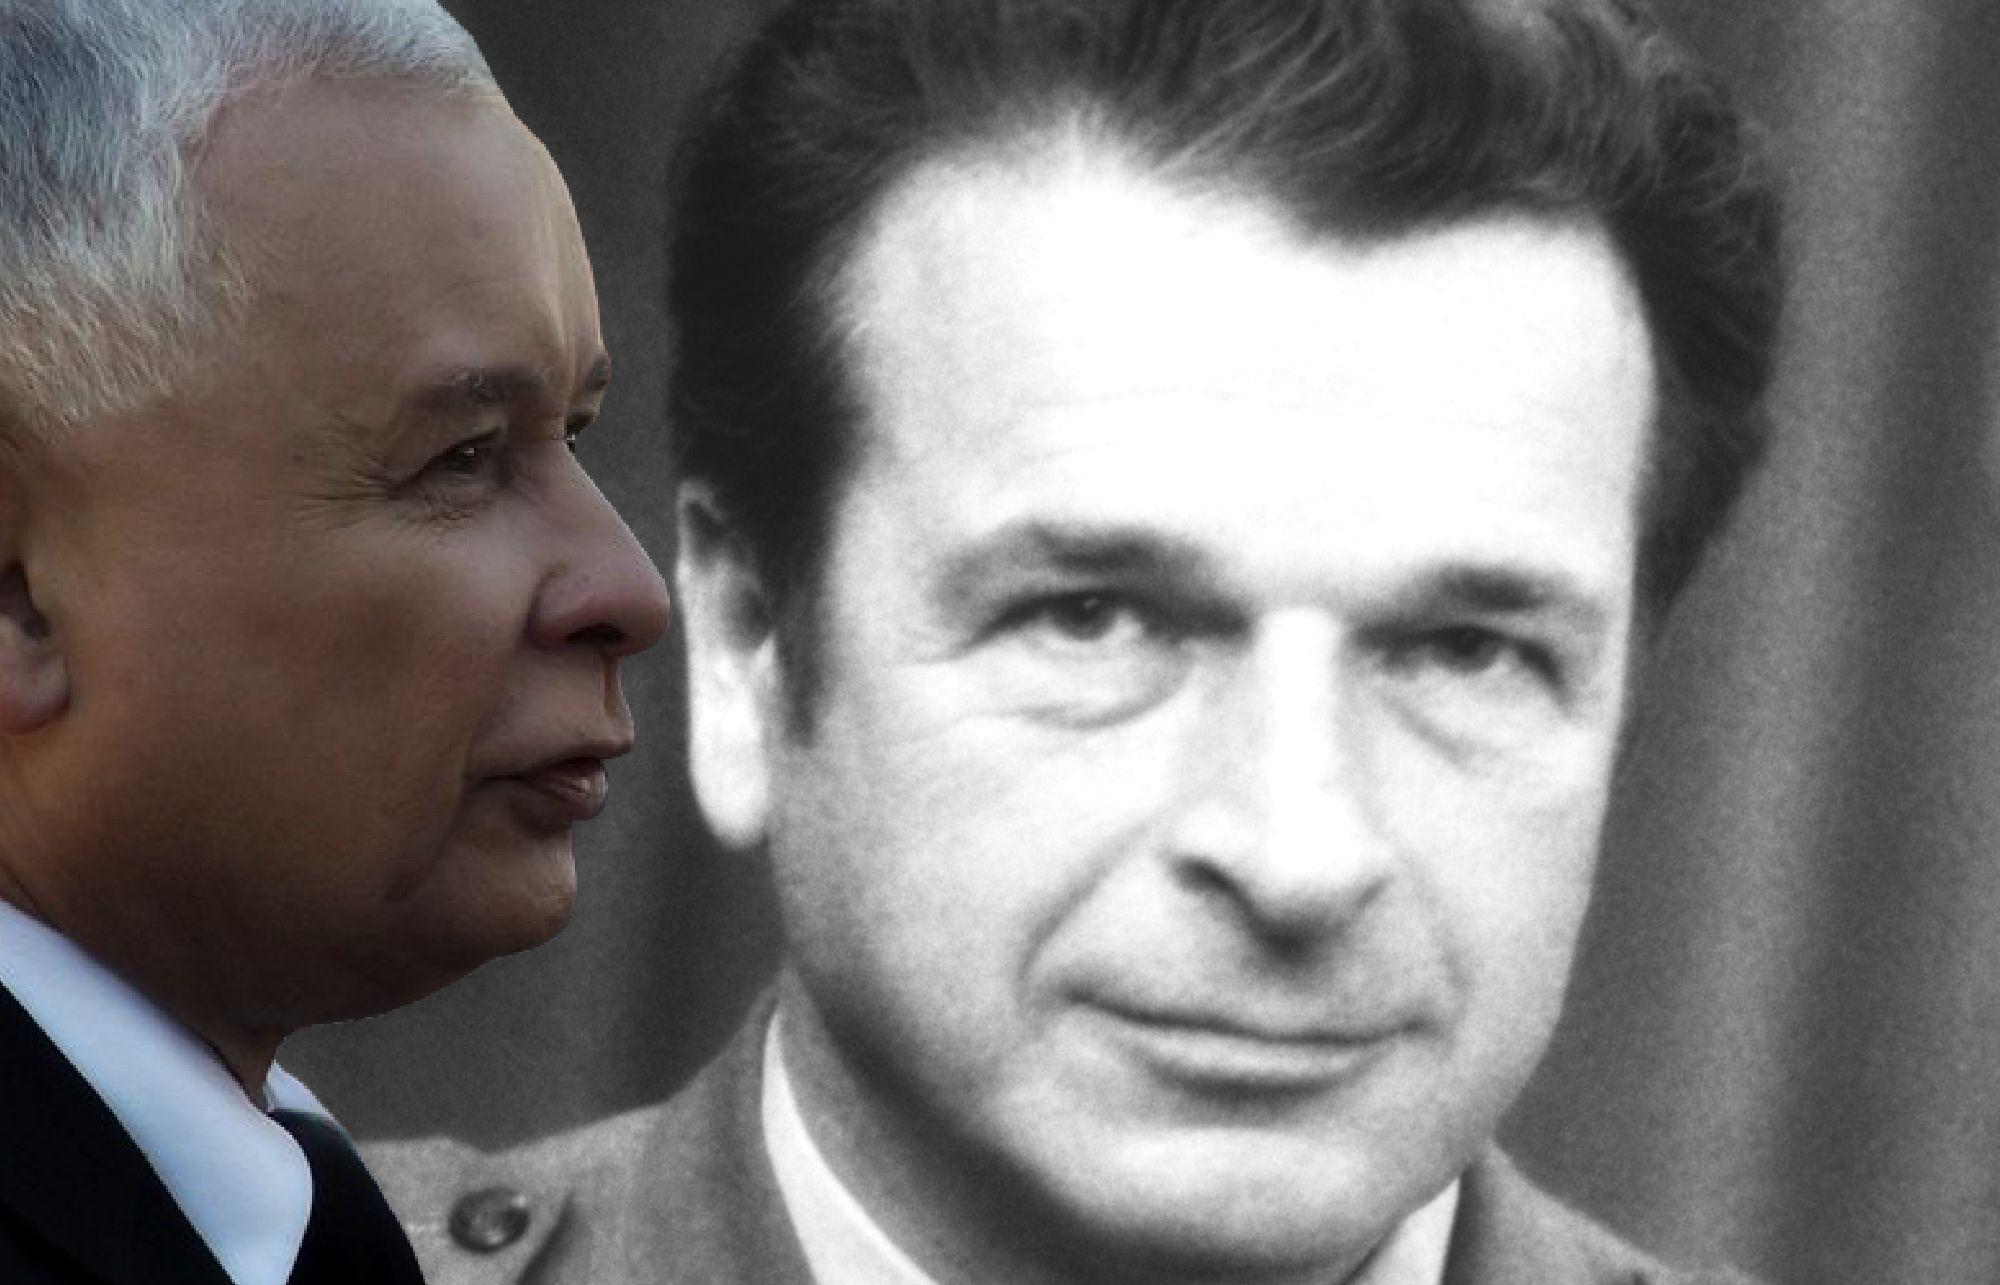 Afera! Wyszło na jaw, co Kiszczak zawdzięczał Kaczyńskiemu